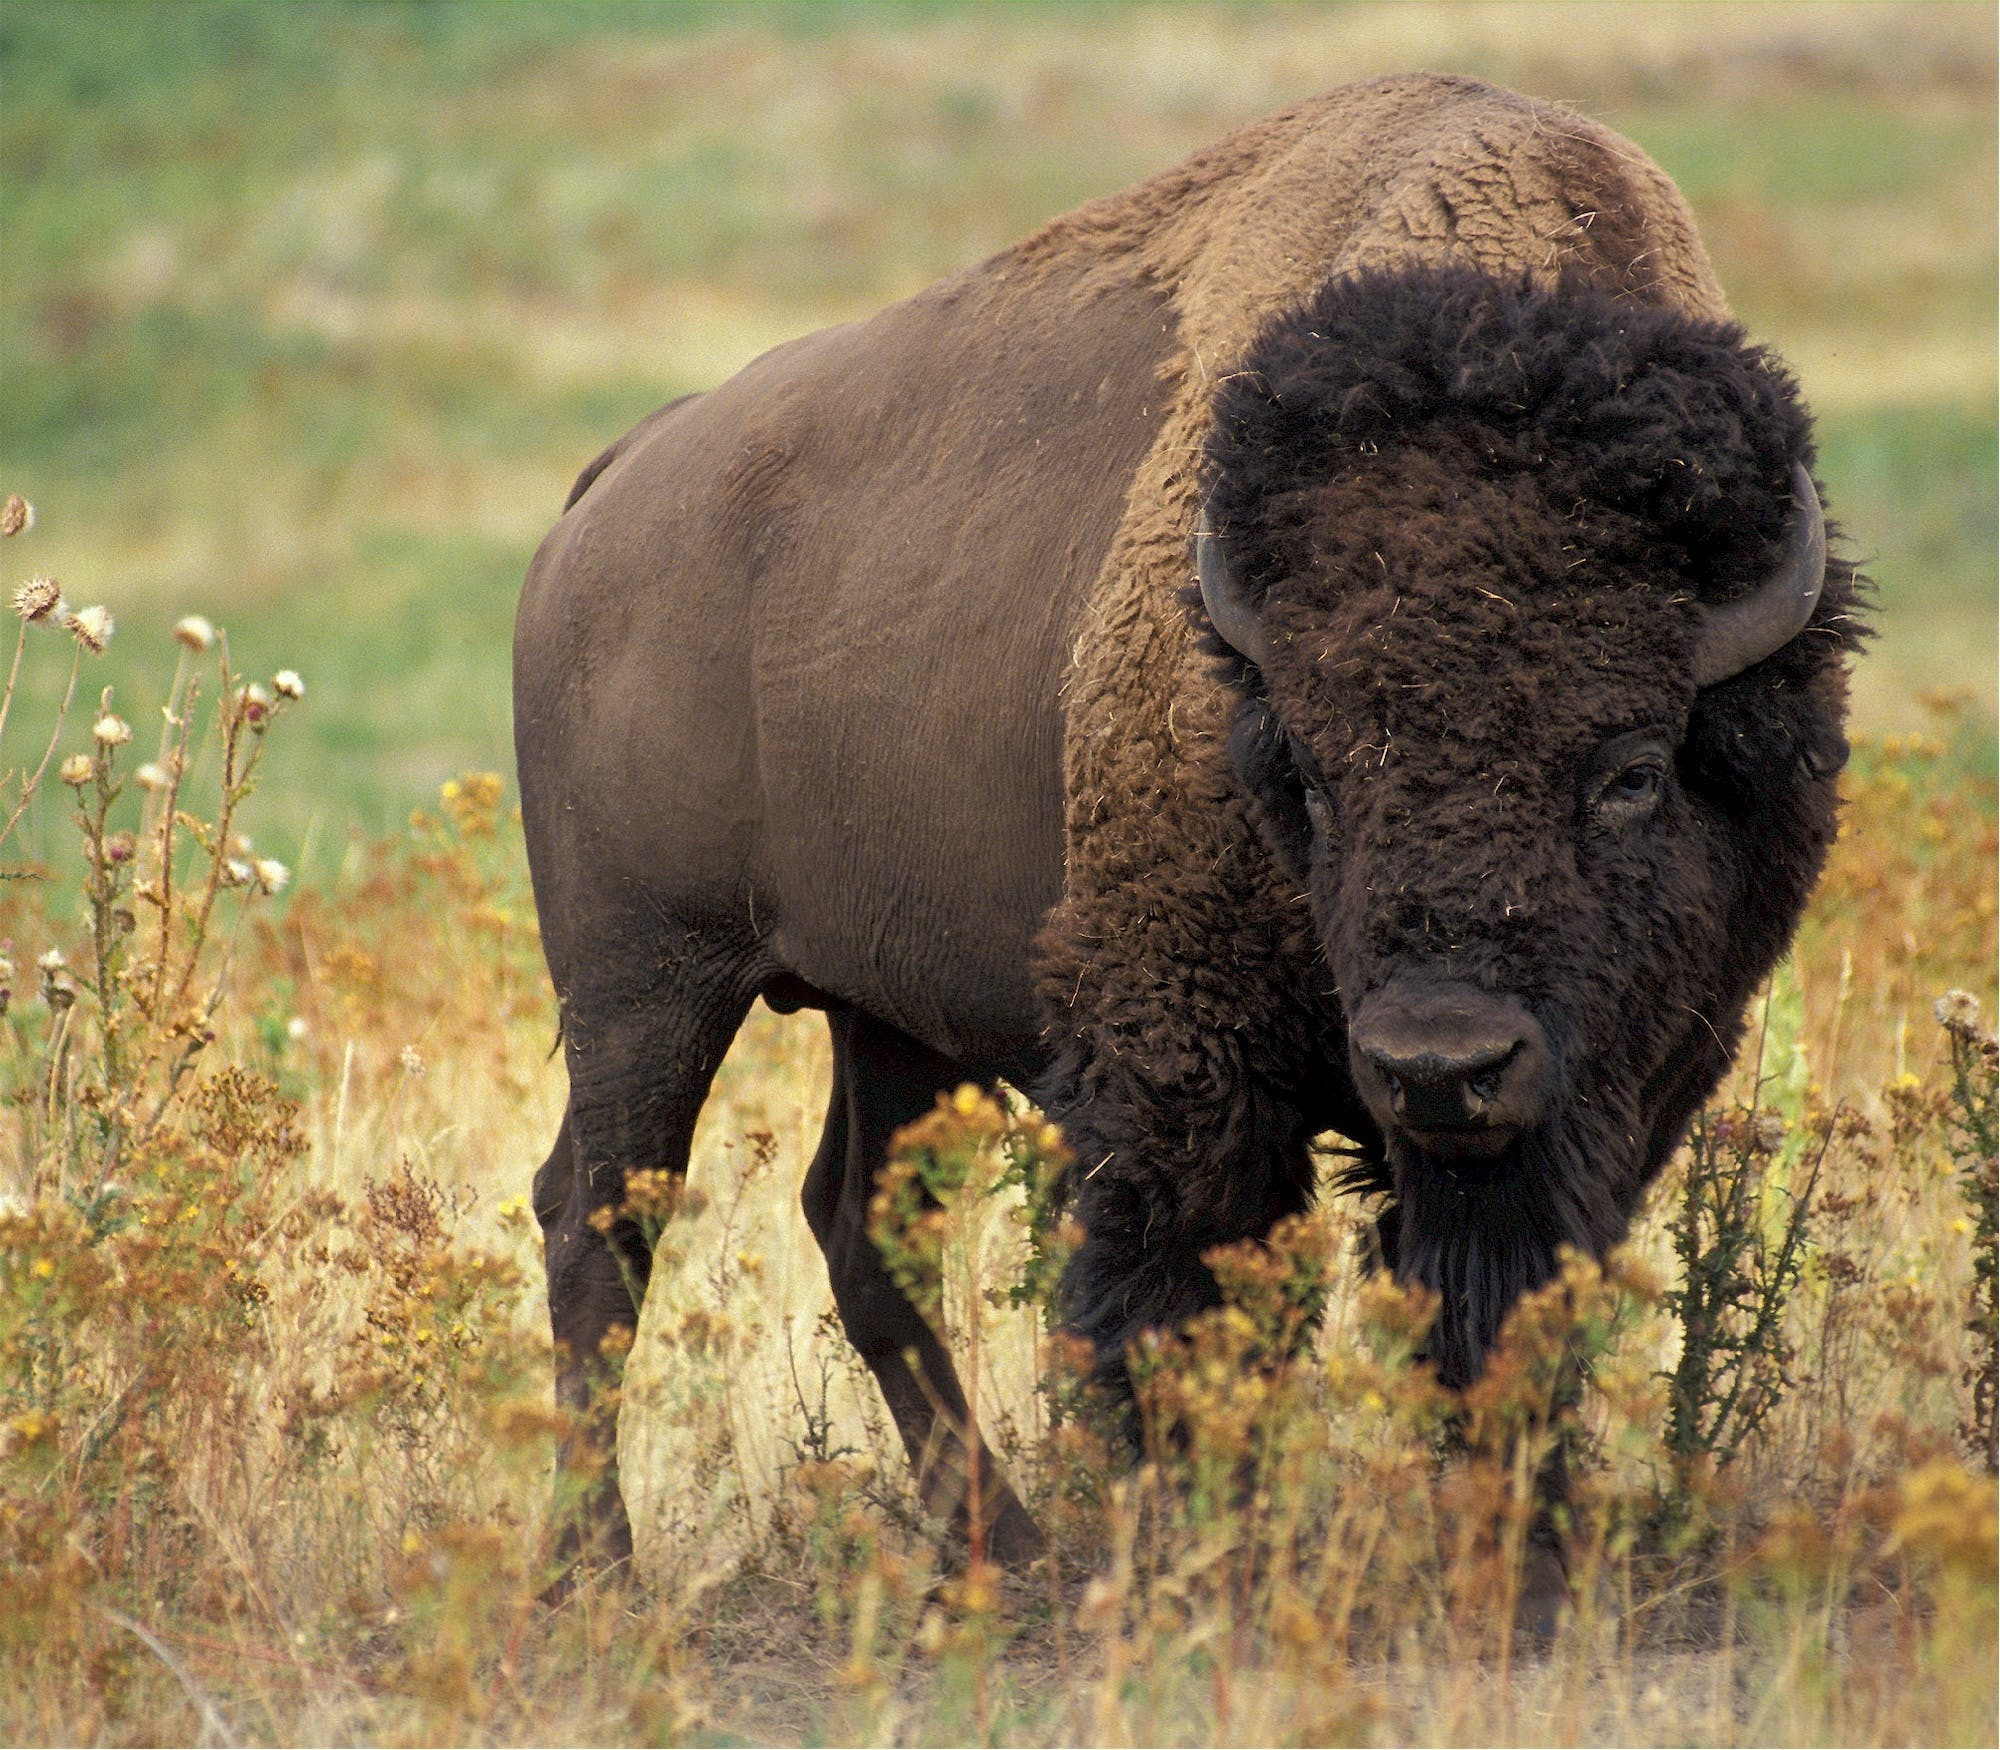 Gratis lagerfoto af Bison, bøffel, dyr, dyreliv